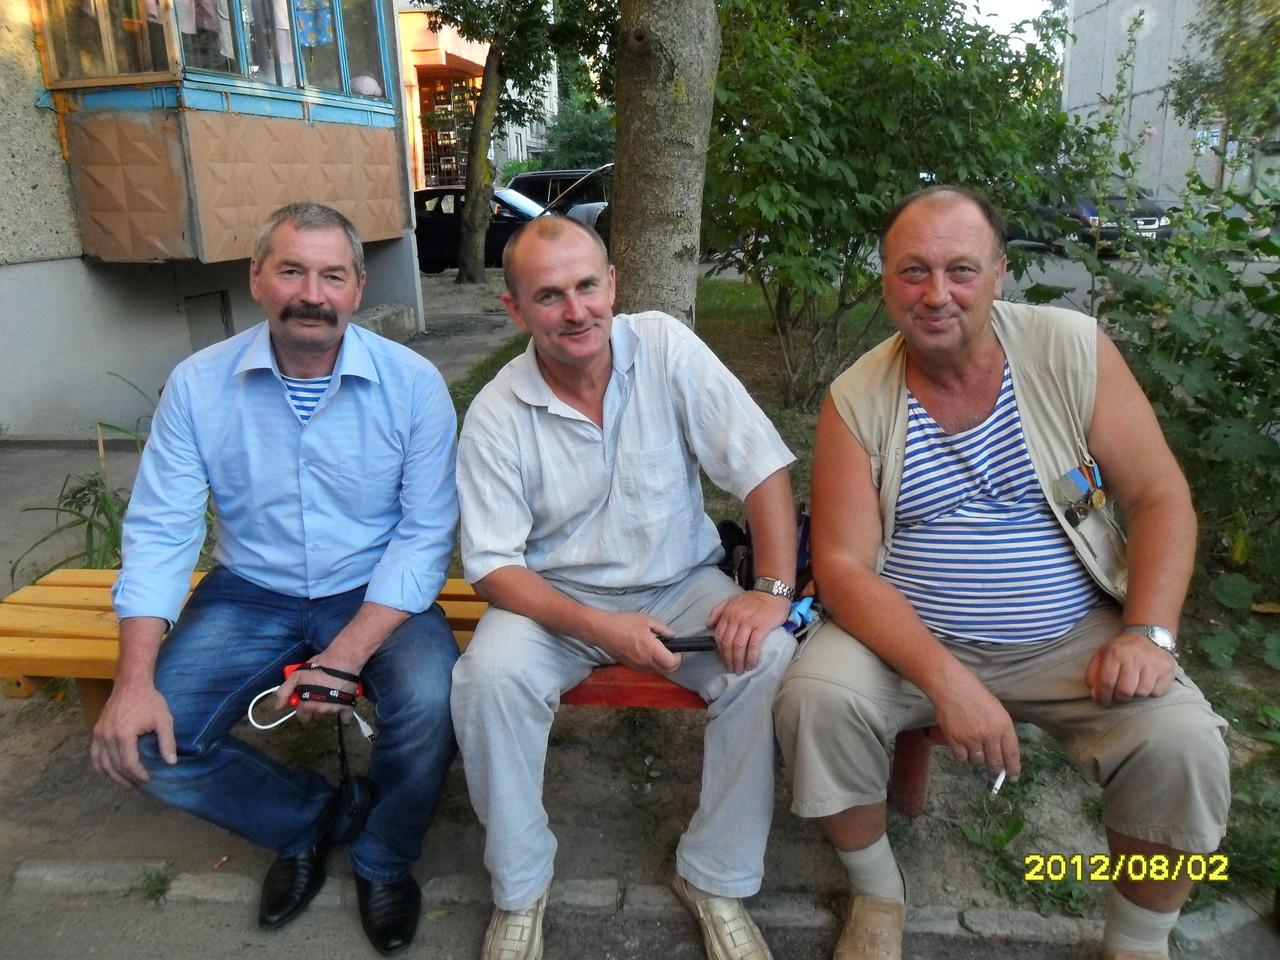 Слева направо: Николай Есаулков, Игорь Гусько, Игорь Нищенко